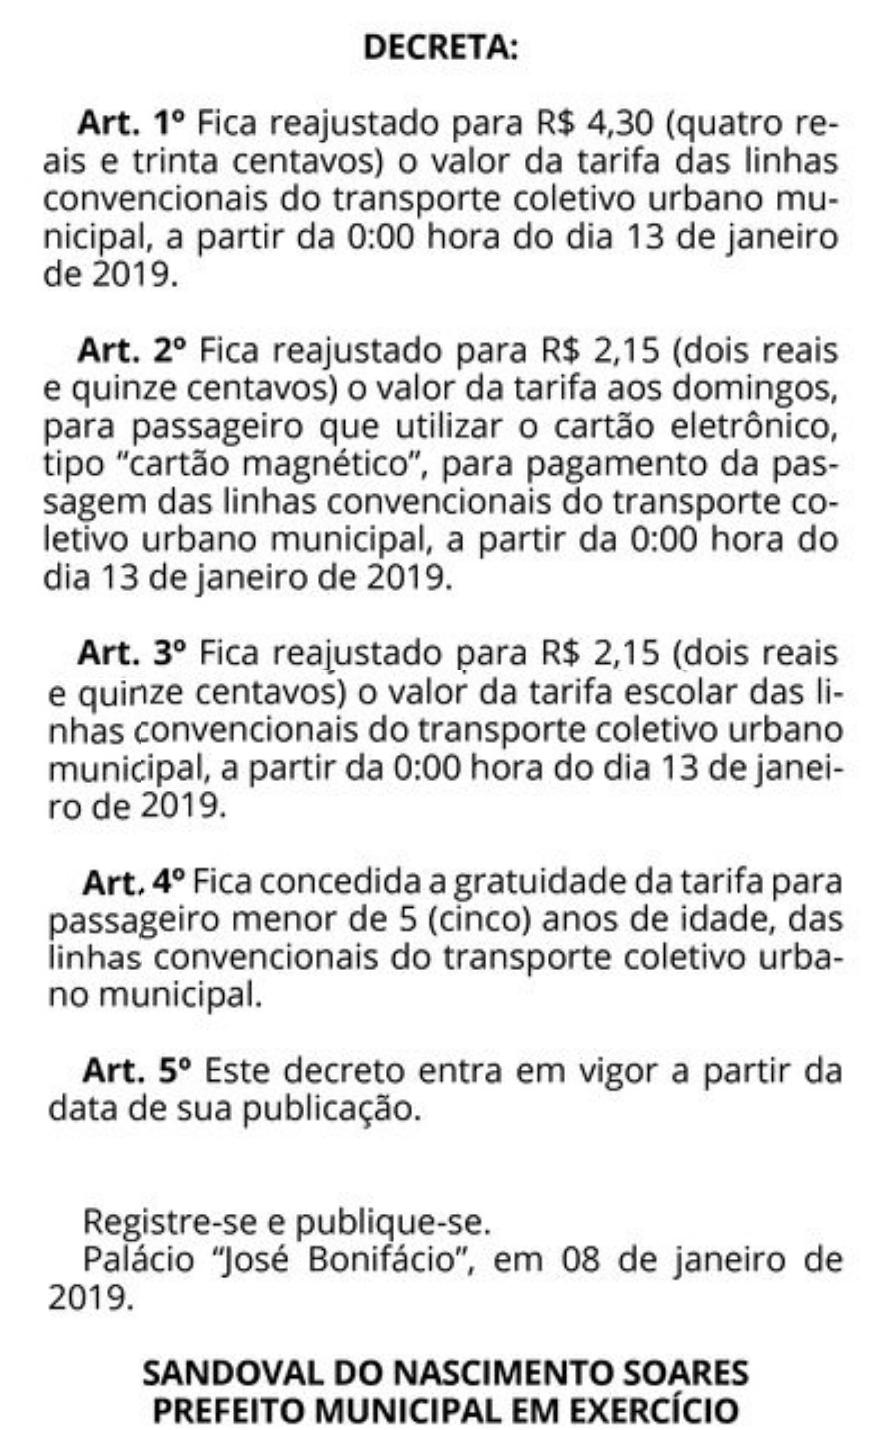 TARIFA_SANTOS